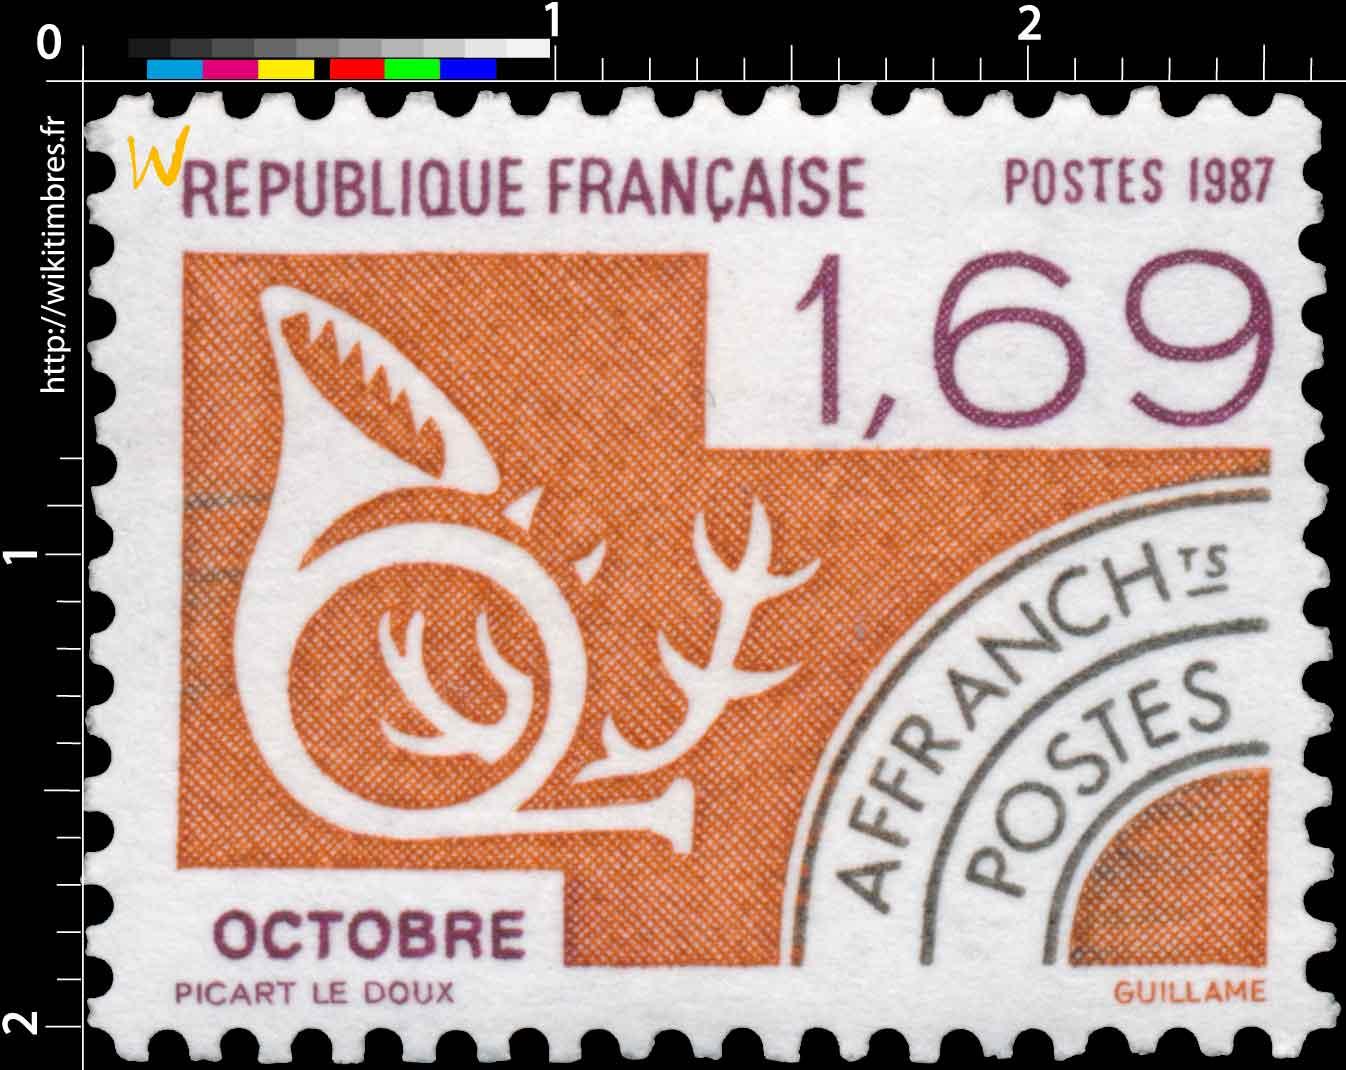 1987 OCTOBRE